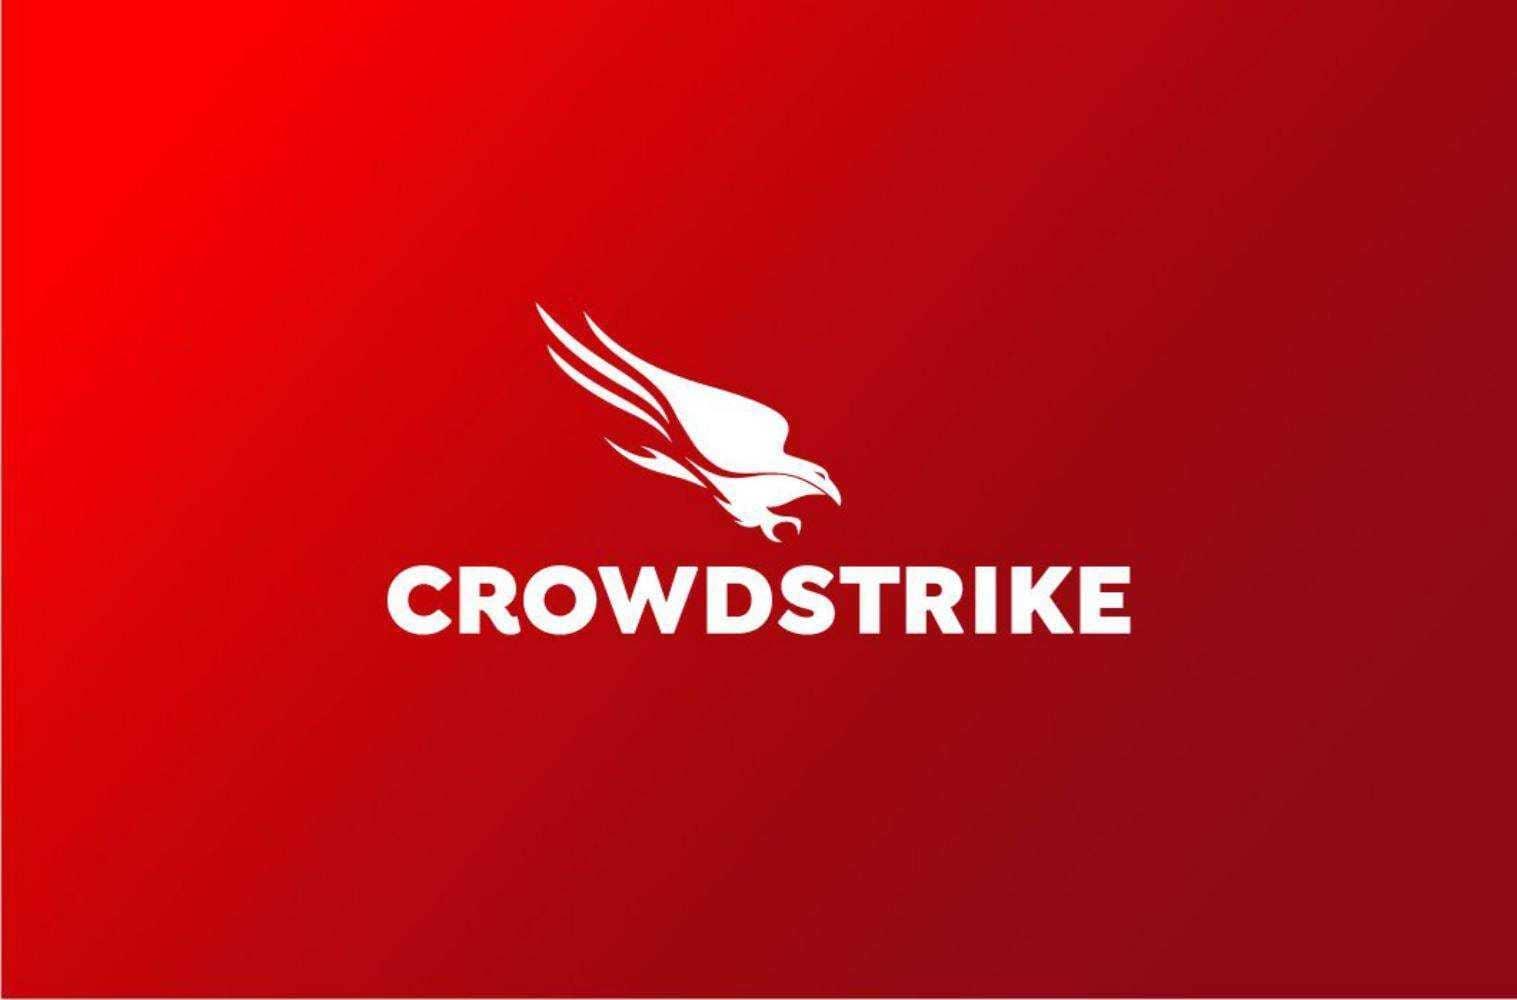 О компаниях Canopy Growth и CrowdStrike